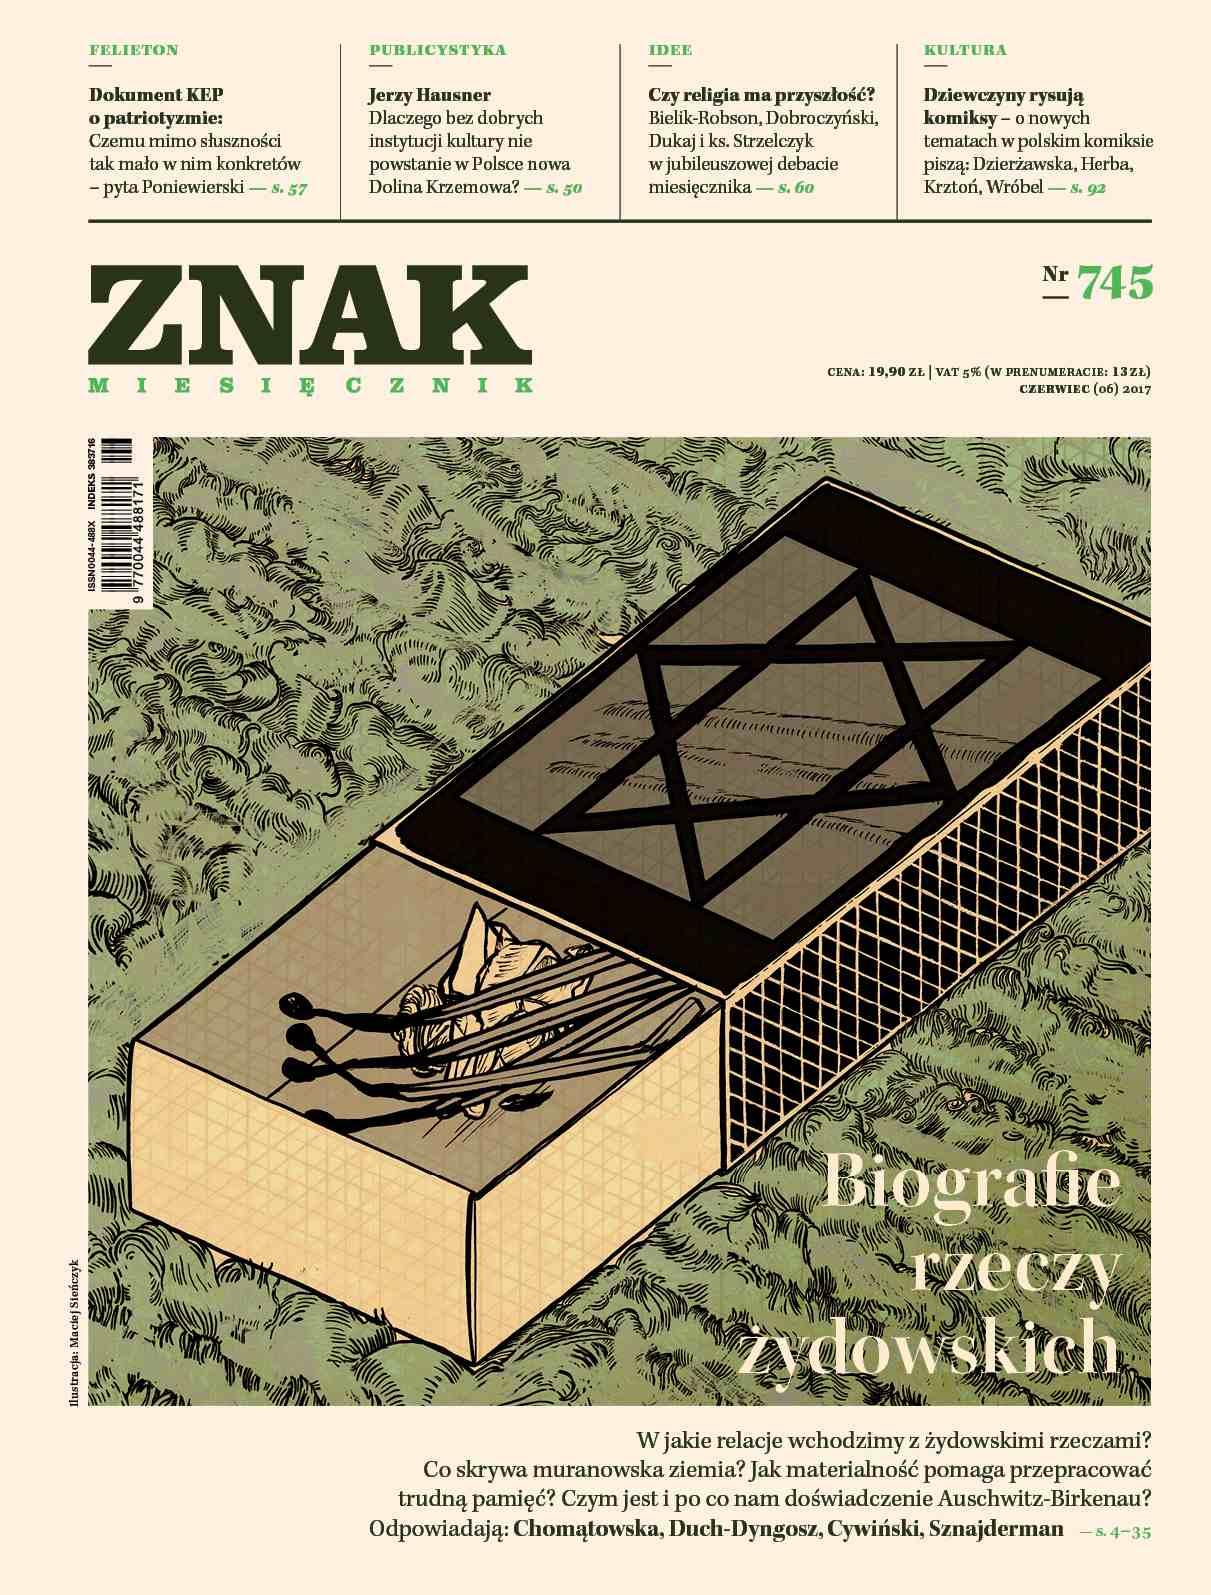 Miesięcznik Znak nr 745: Biografie rzeczy żydowskich - Ebook (Książka EPUB) do pobrania w formacie EPUB